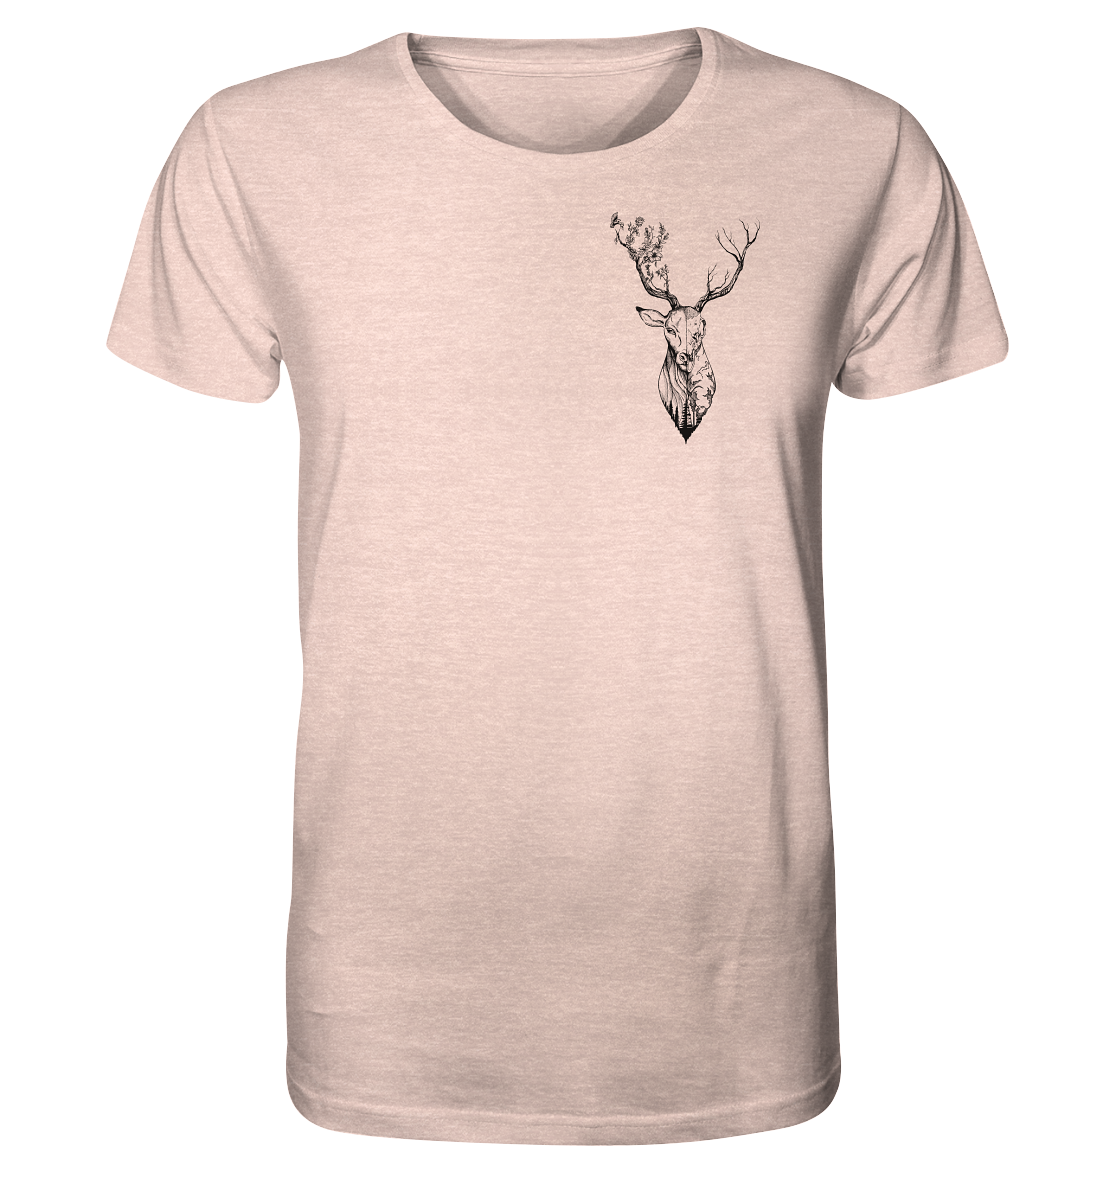 front-organic-shirt-meliert-ffded6-1116x-7.png